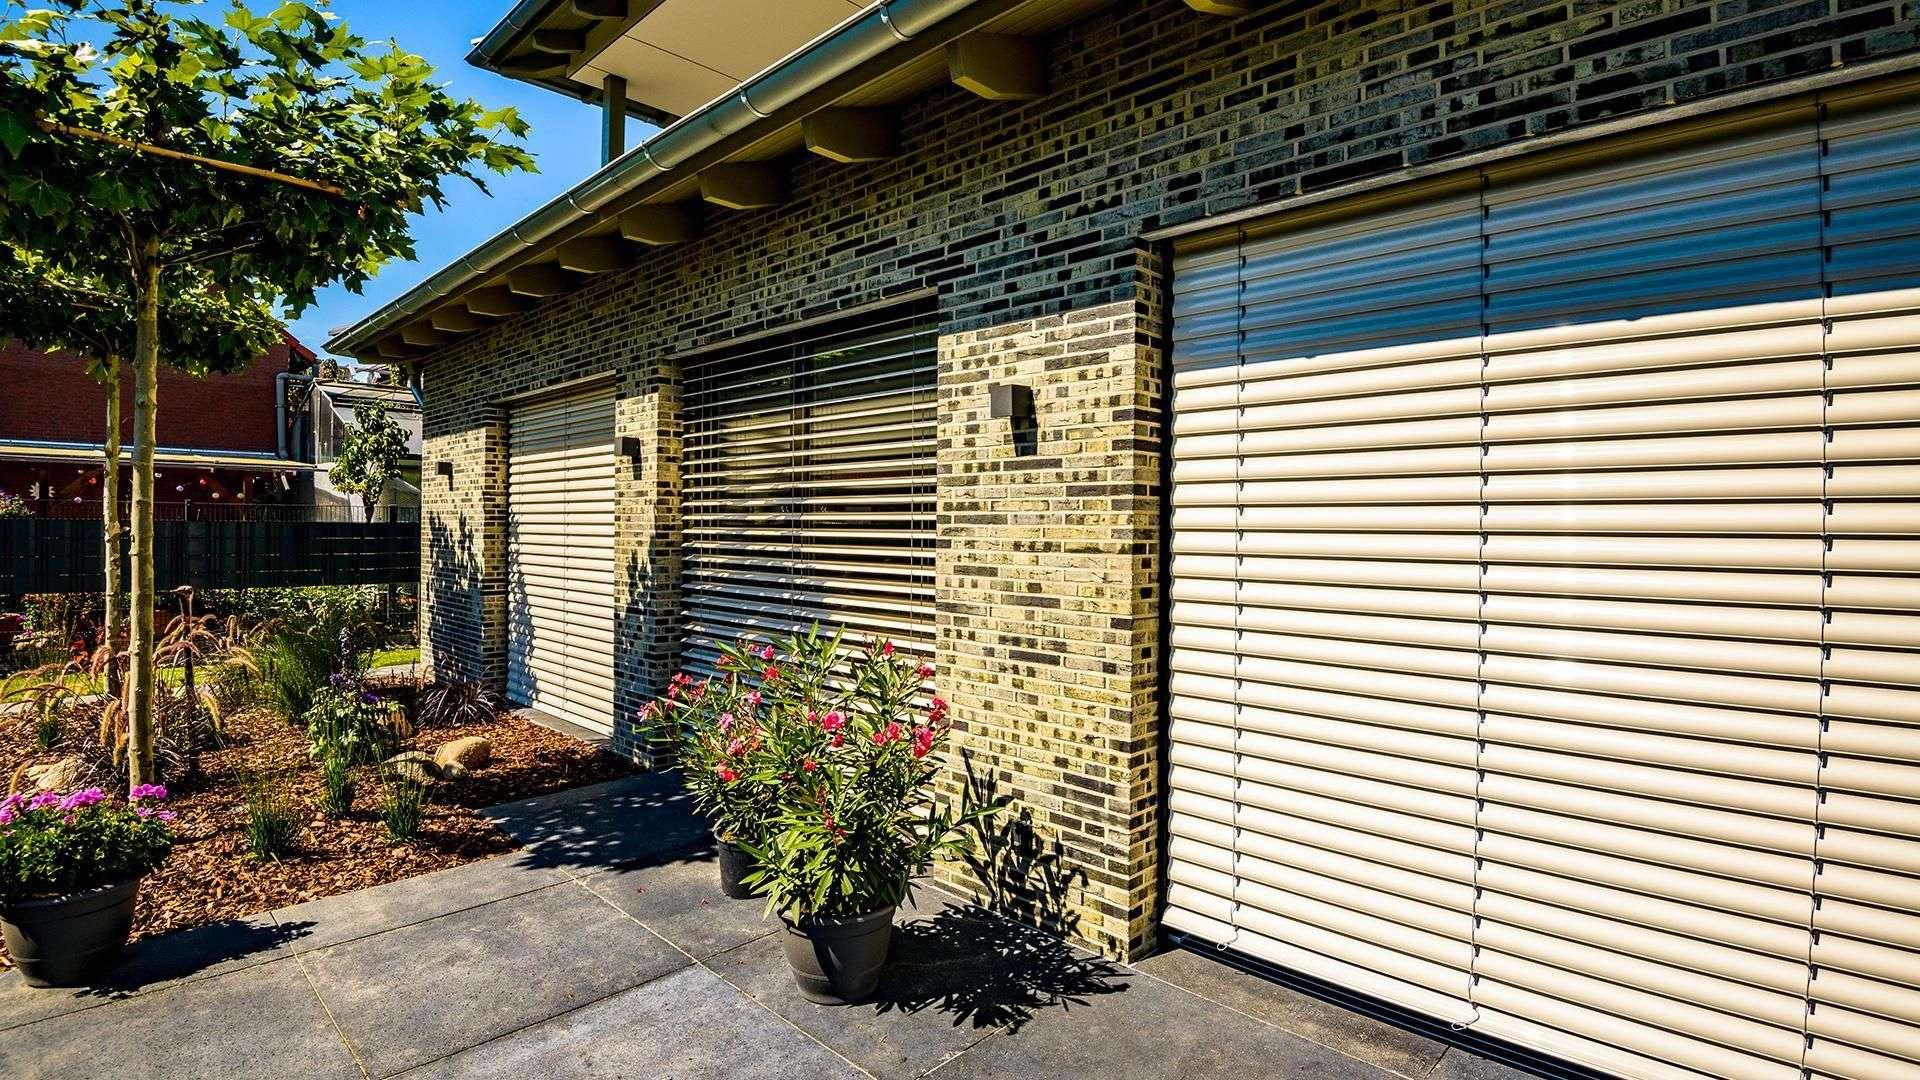 Wohnhaus mit Sonnenschutz-Rollos